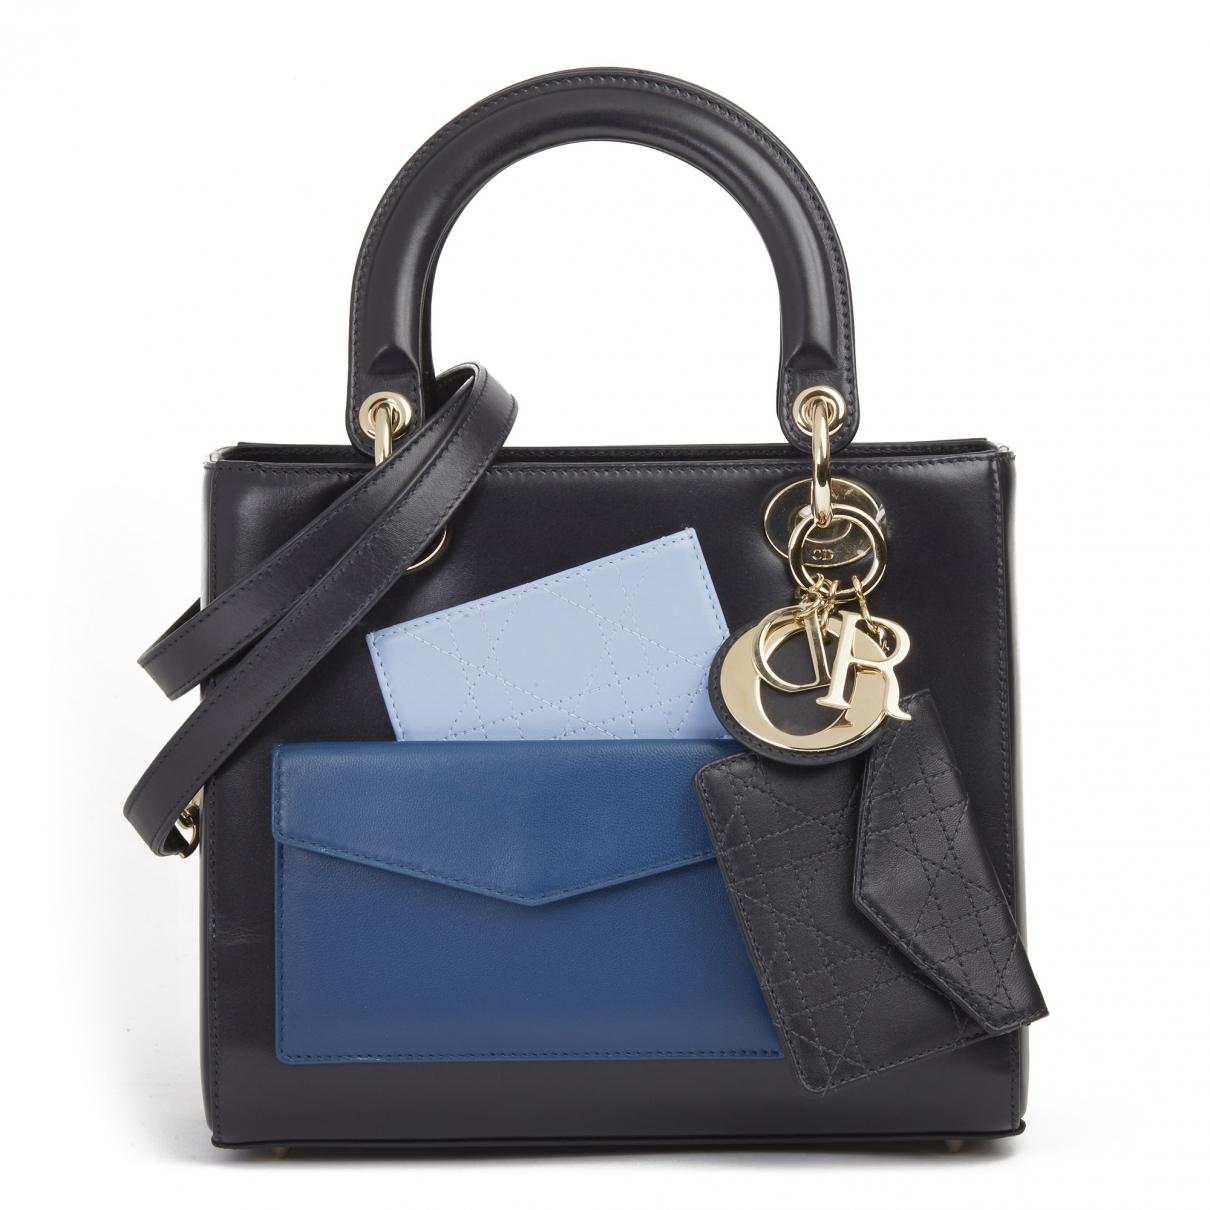 Dior - Sac a main Lady Dior pour femme en cuir - marine